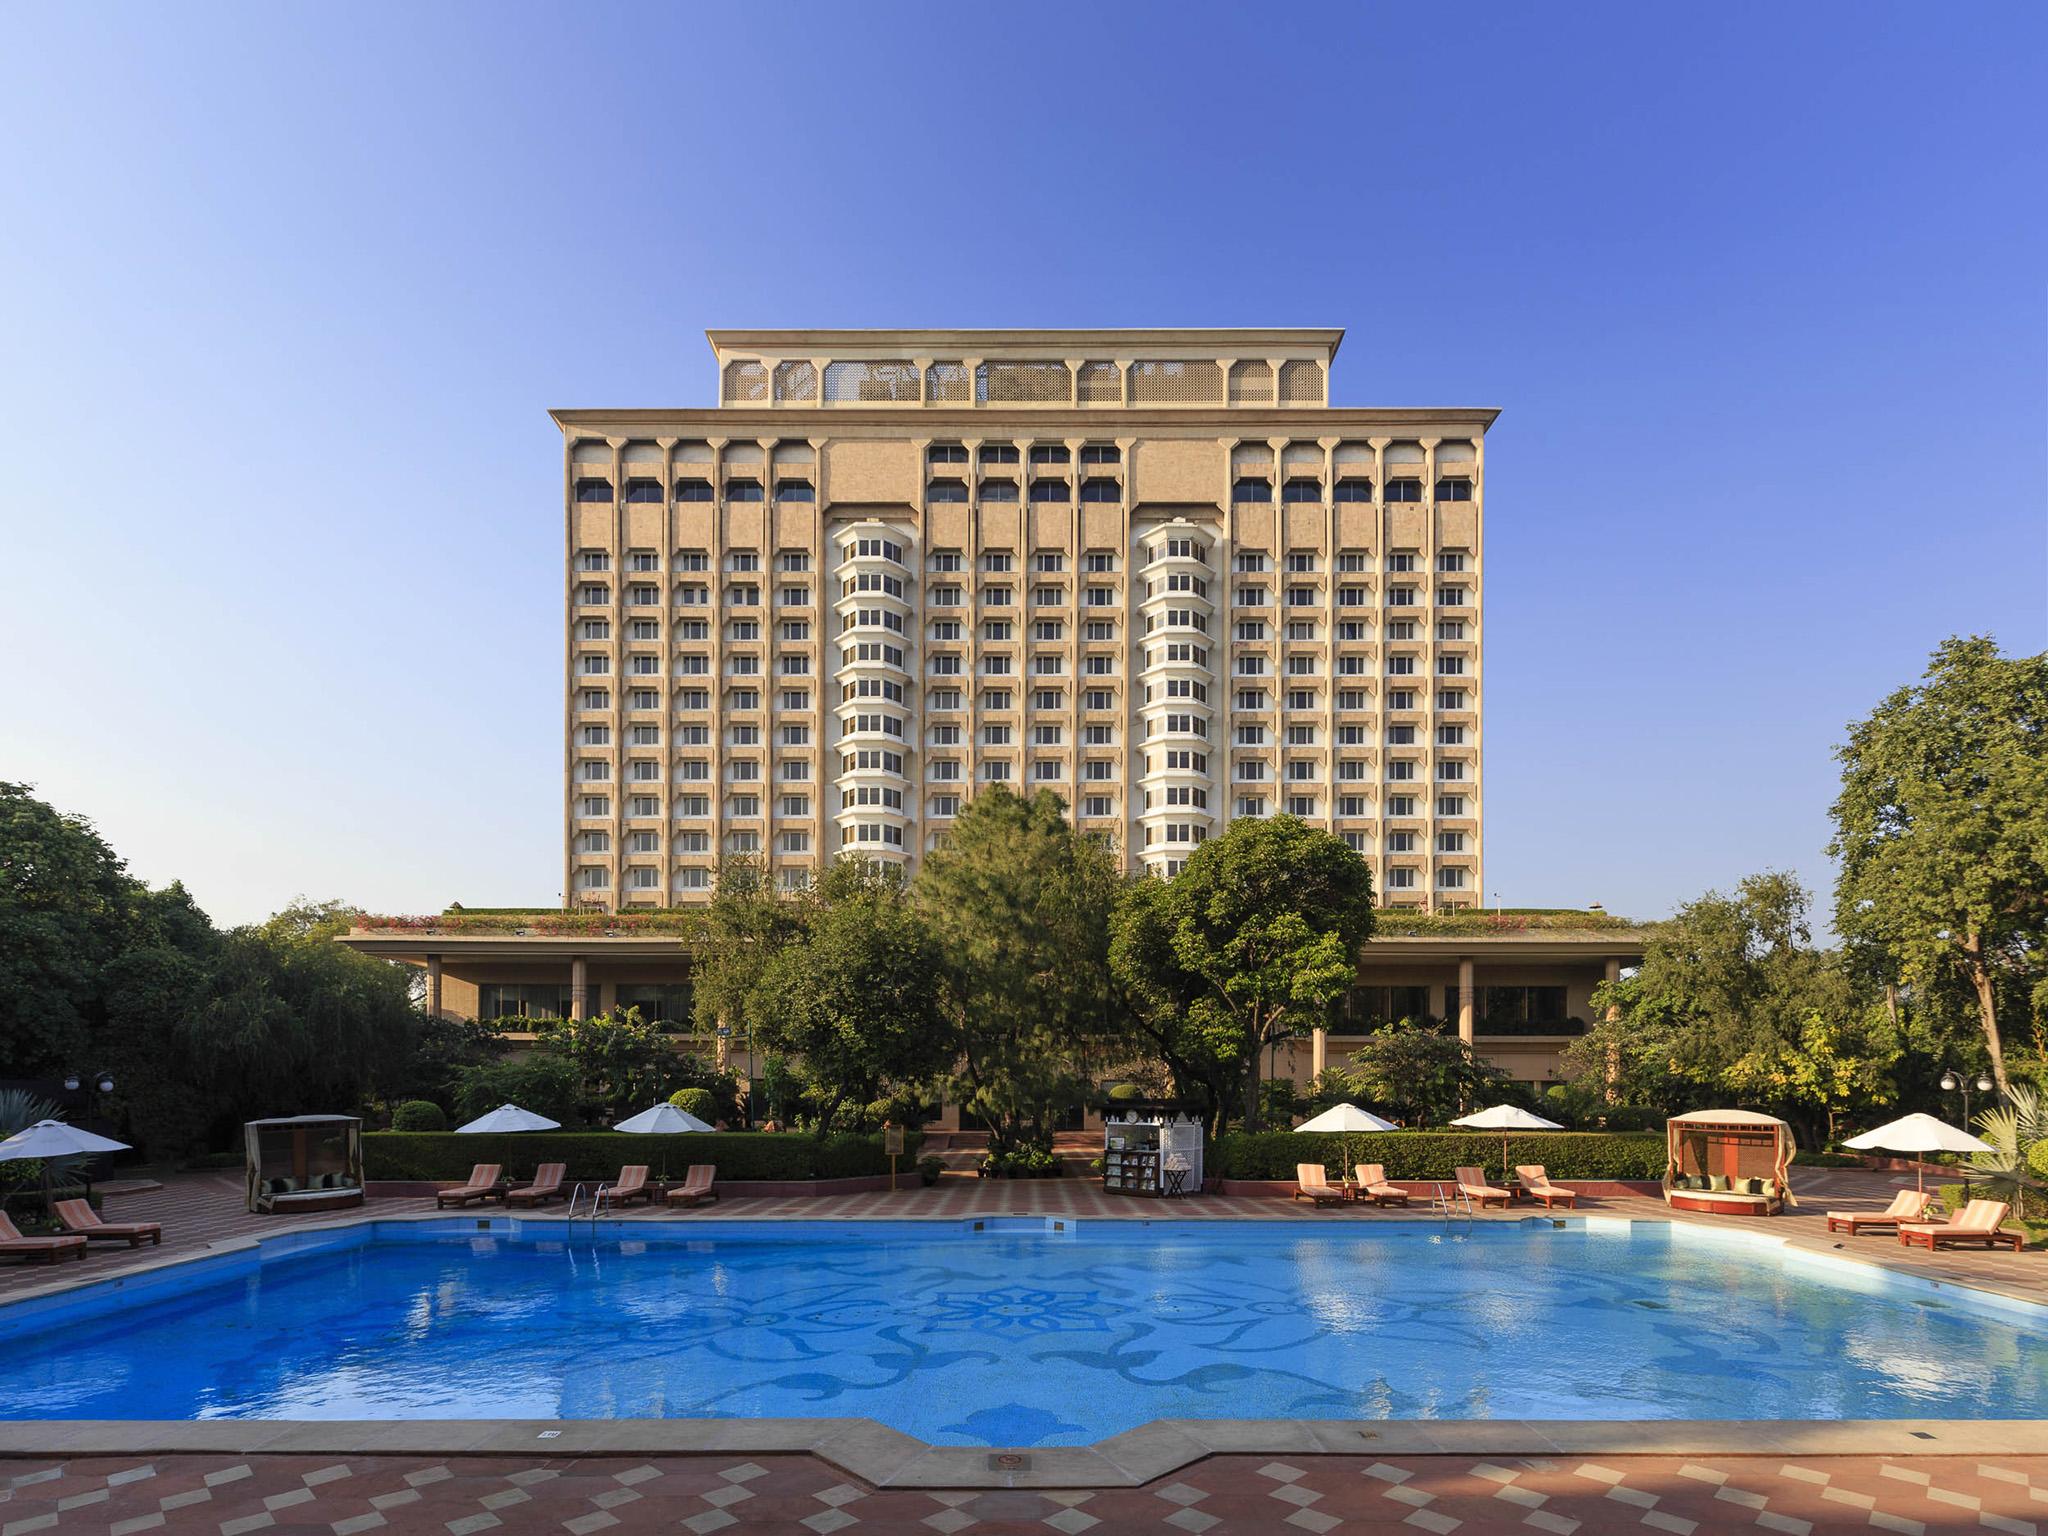 ITC, India Hotels, Taj Mansingh, Delhi, NDMC, India, hotel industry, lifestyle, travel and tourism,